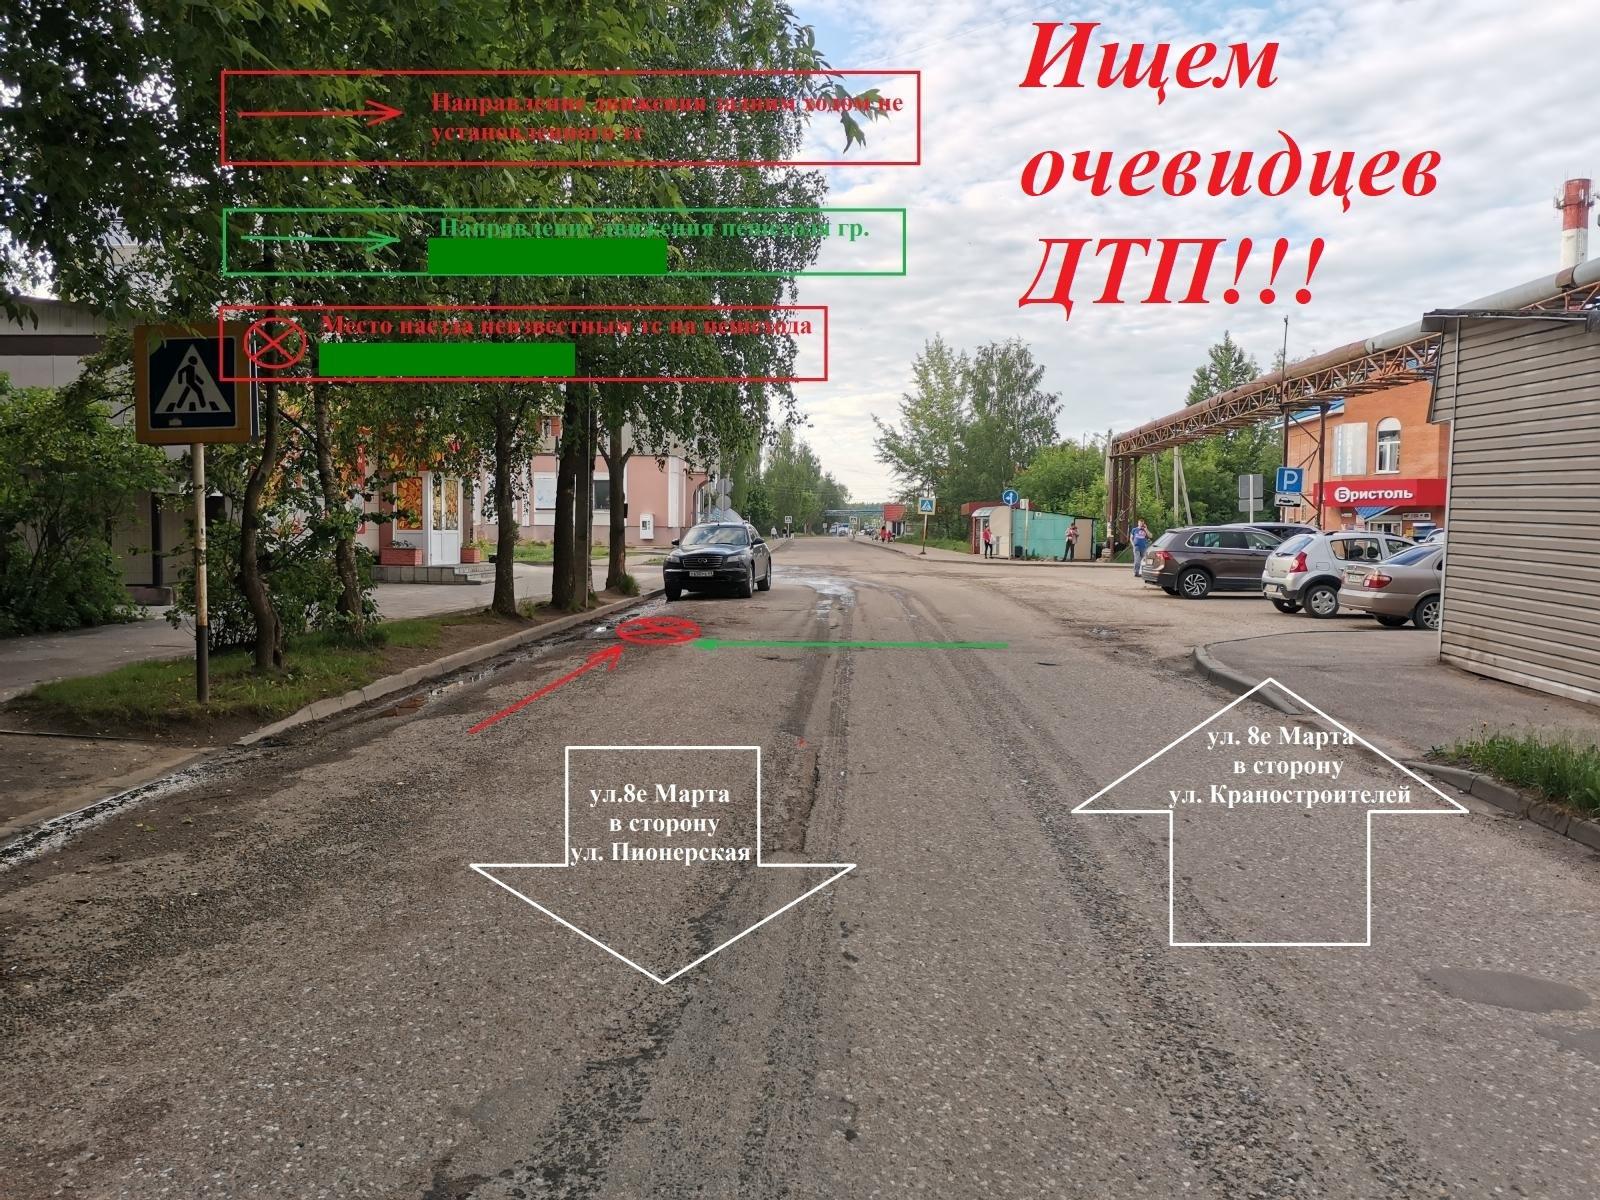 ГАИ Ржева ищет свидетелей дорожной аварии, в которой пострадал пешеход